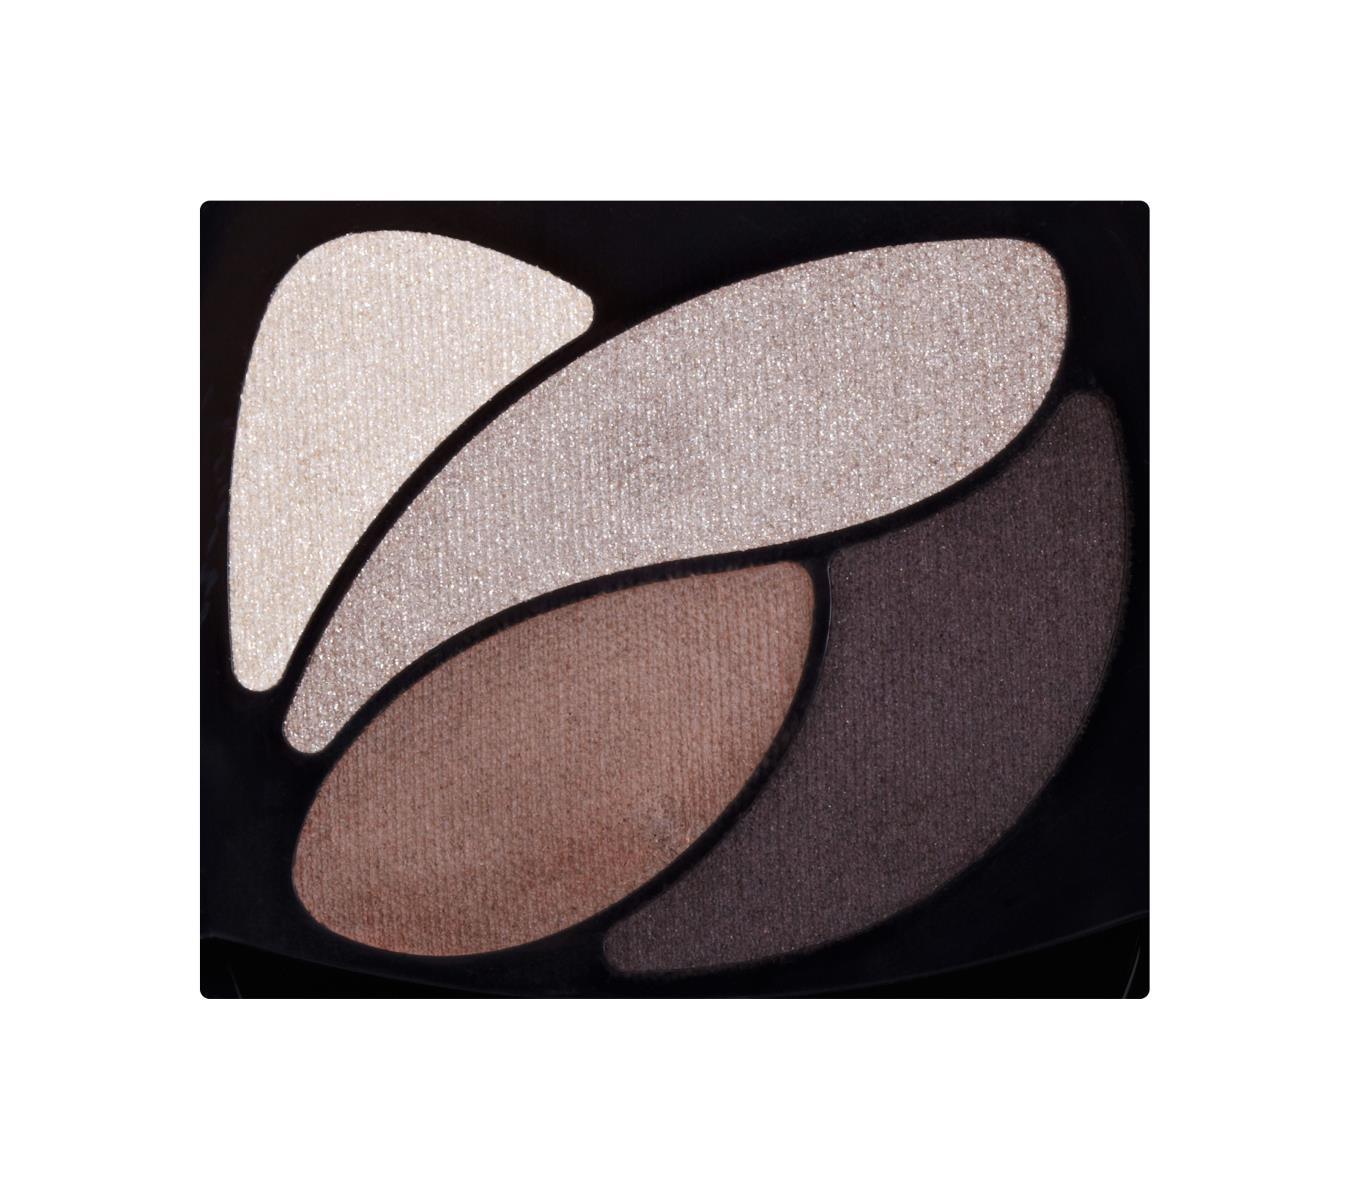 سایه چشم 4 رنگ لورال پاریس مدل Color Riche شماره E4